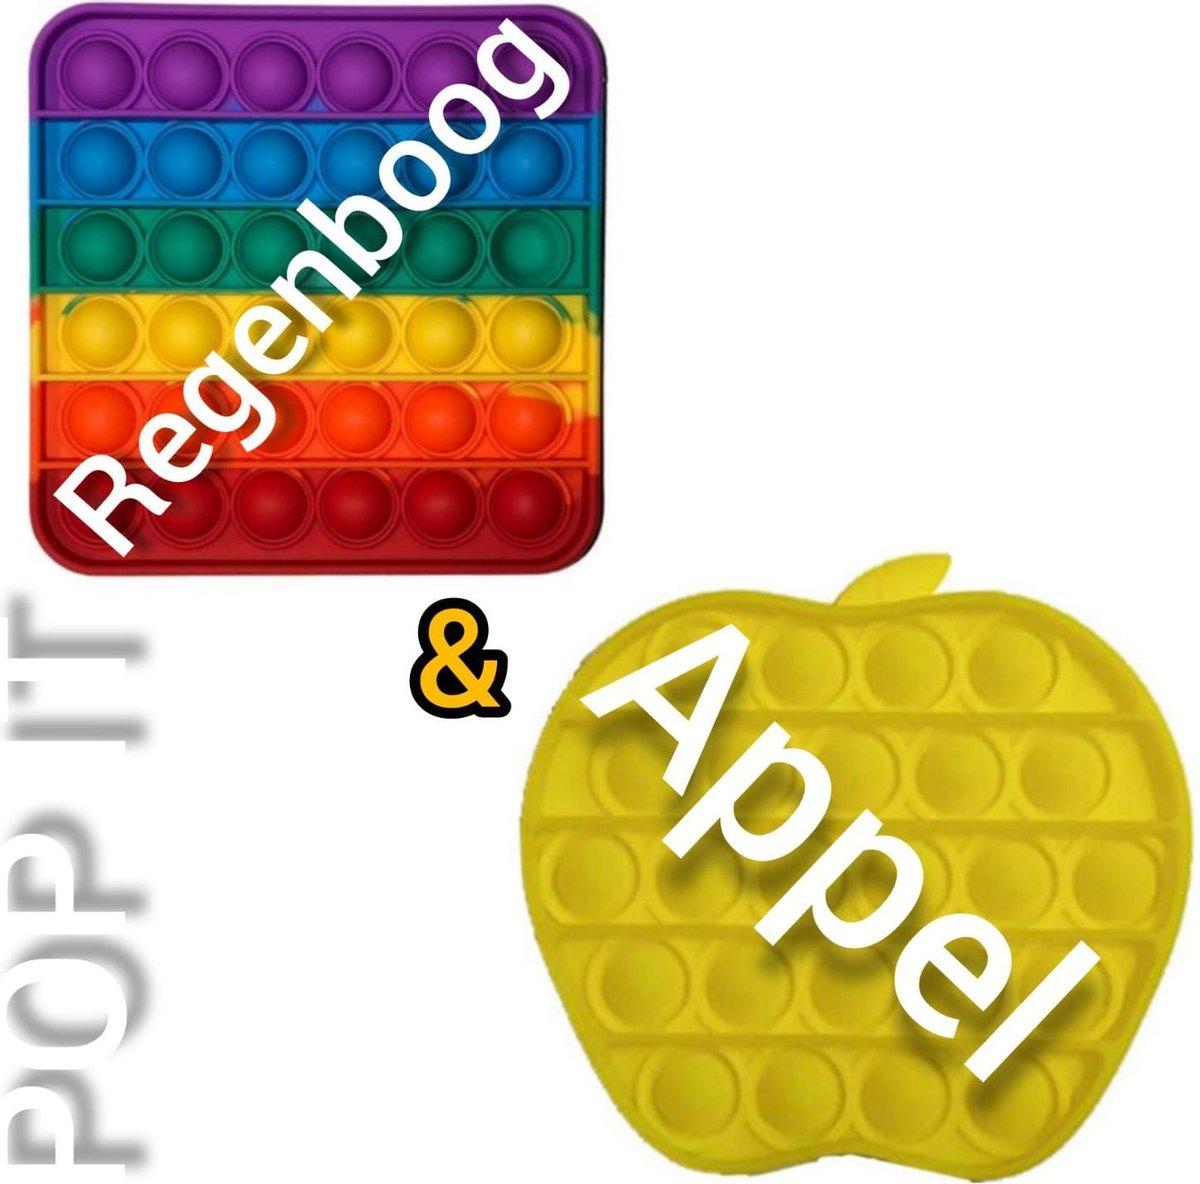 Pop it | Fidget toys pakket | Regenboog vierkant + Appel geel | Meisjes jongens volwassenen | Anti stress 2021 | Cadeautip _ Leuk voor zwembad